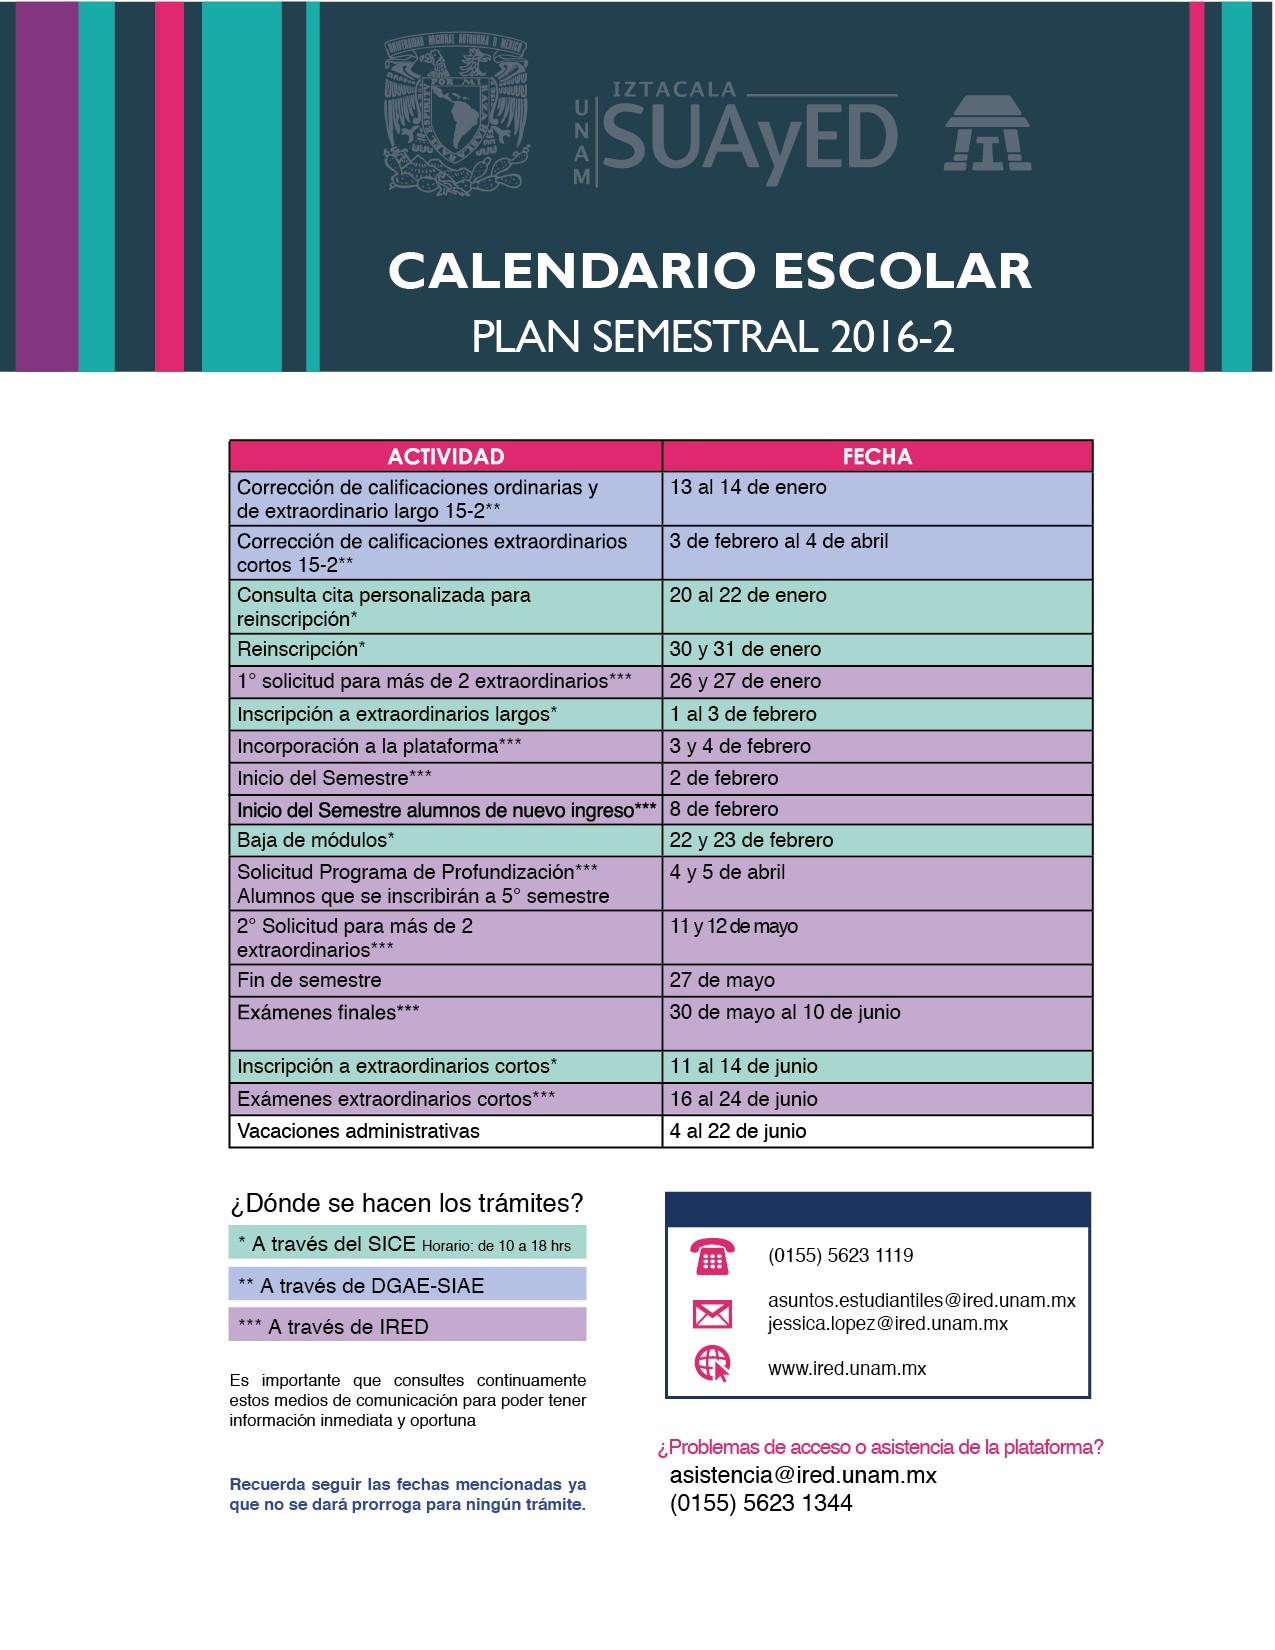 Calendario Escolar 2019-1 Fes Aragón Más Populares Calendario Tabla6 2 01 – Suayed Psicologa Of Calendario Escolar 2019-1 Fes Aragón Más Recientemente Liberado Calendario Escolar 2018 2019 Más De 100 Plantillas E